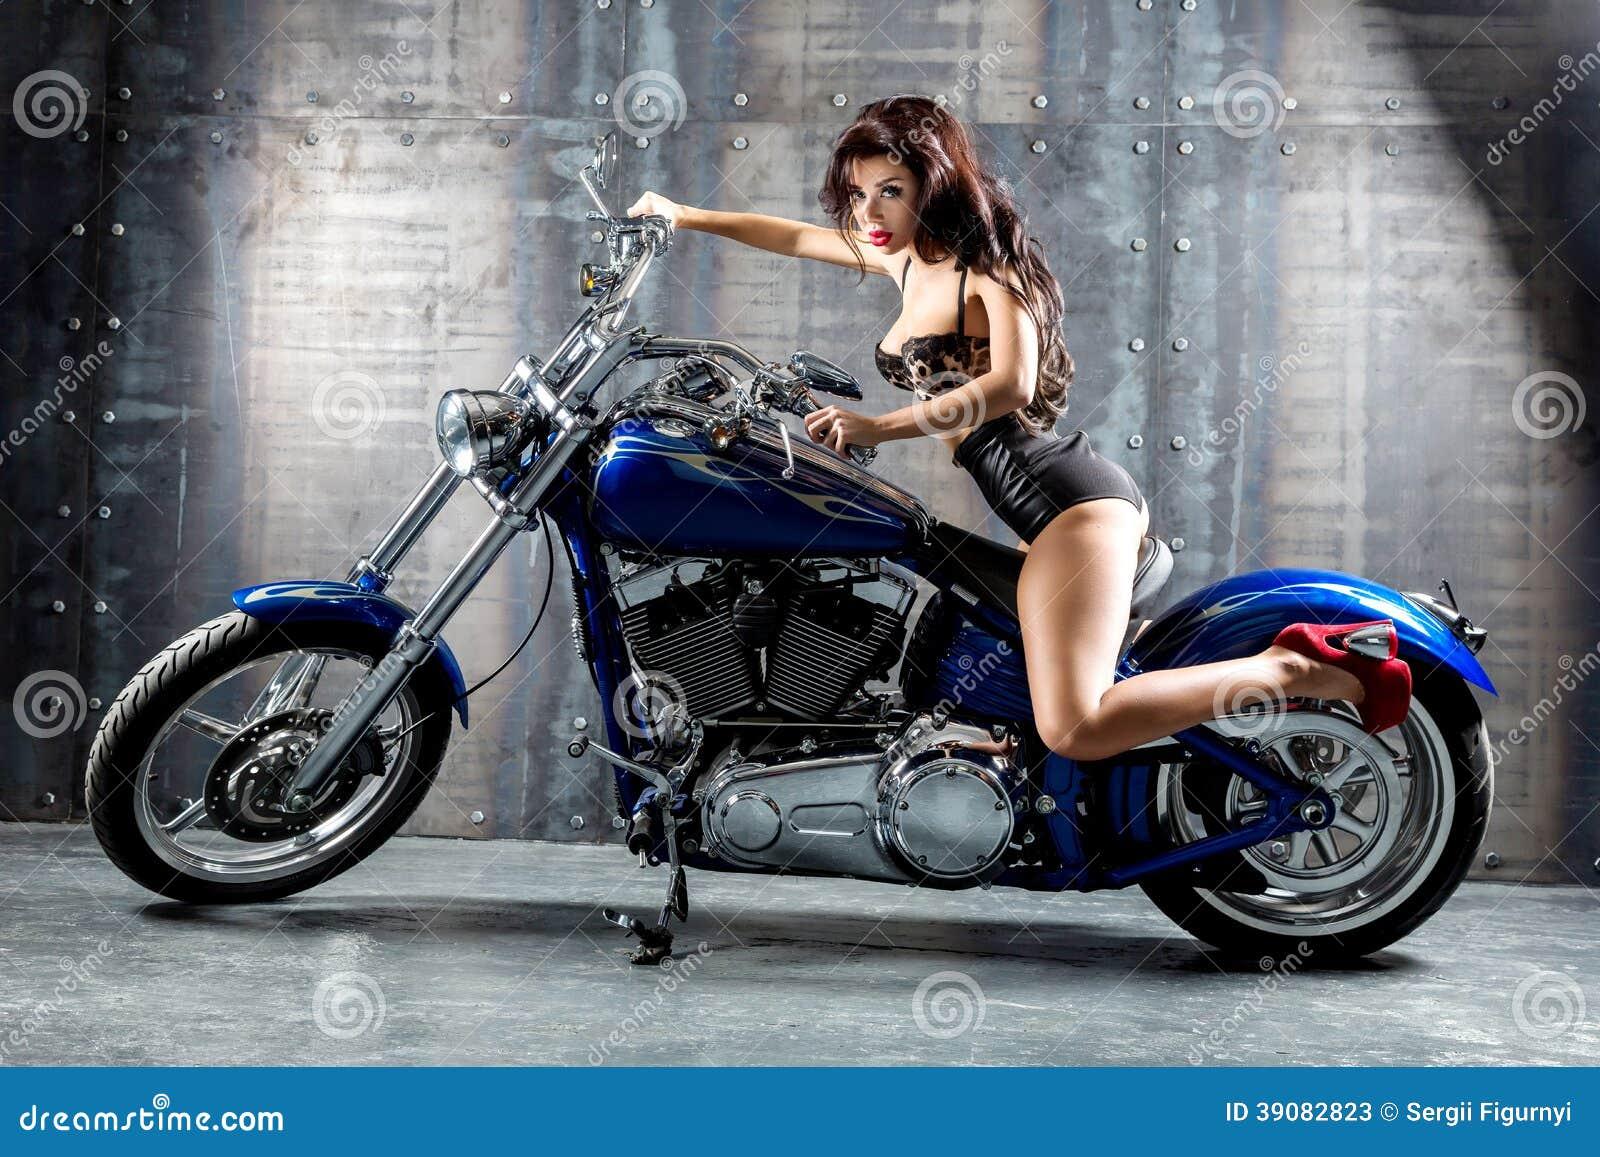 Сексуальная женщина на мотоцикле